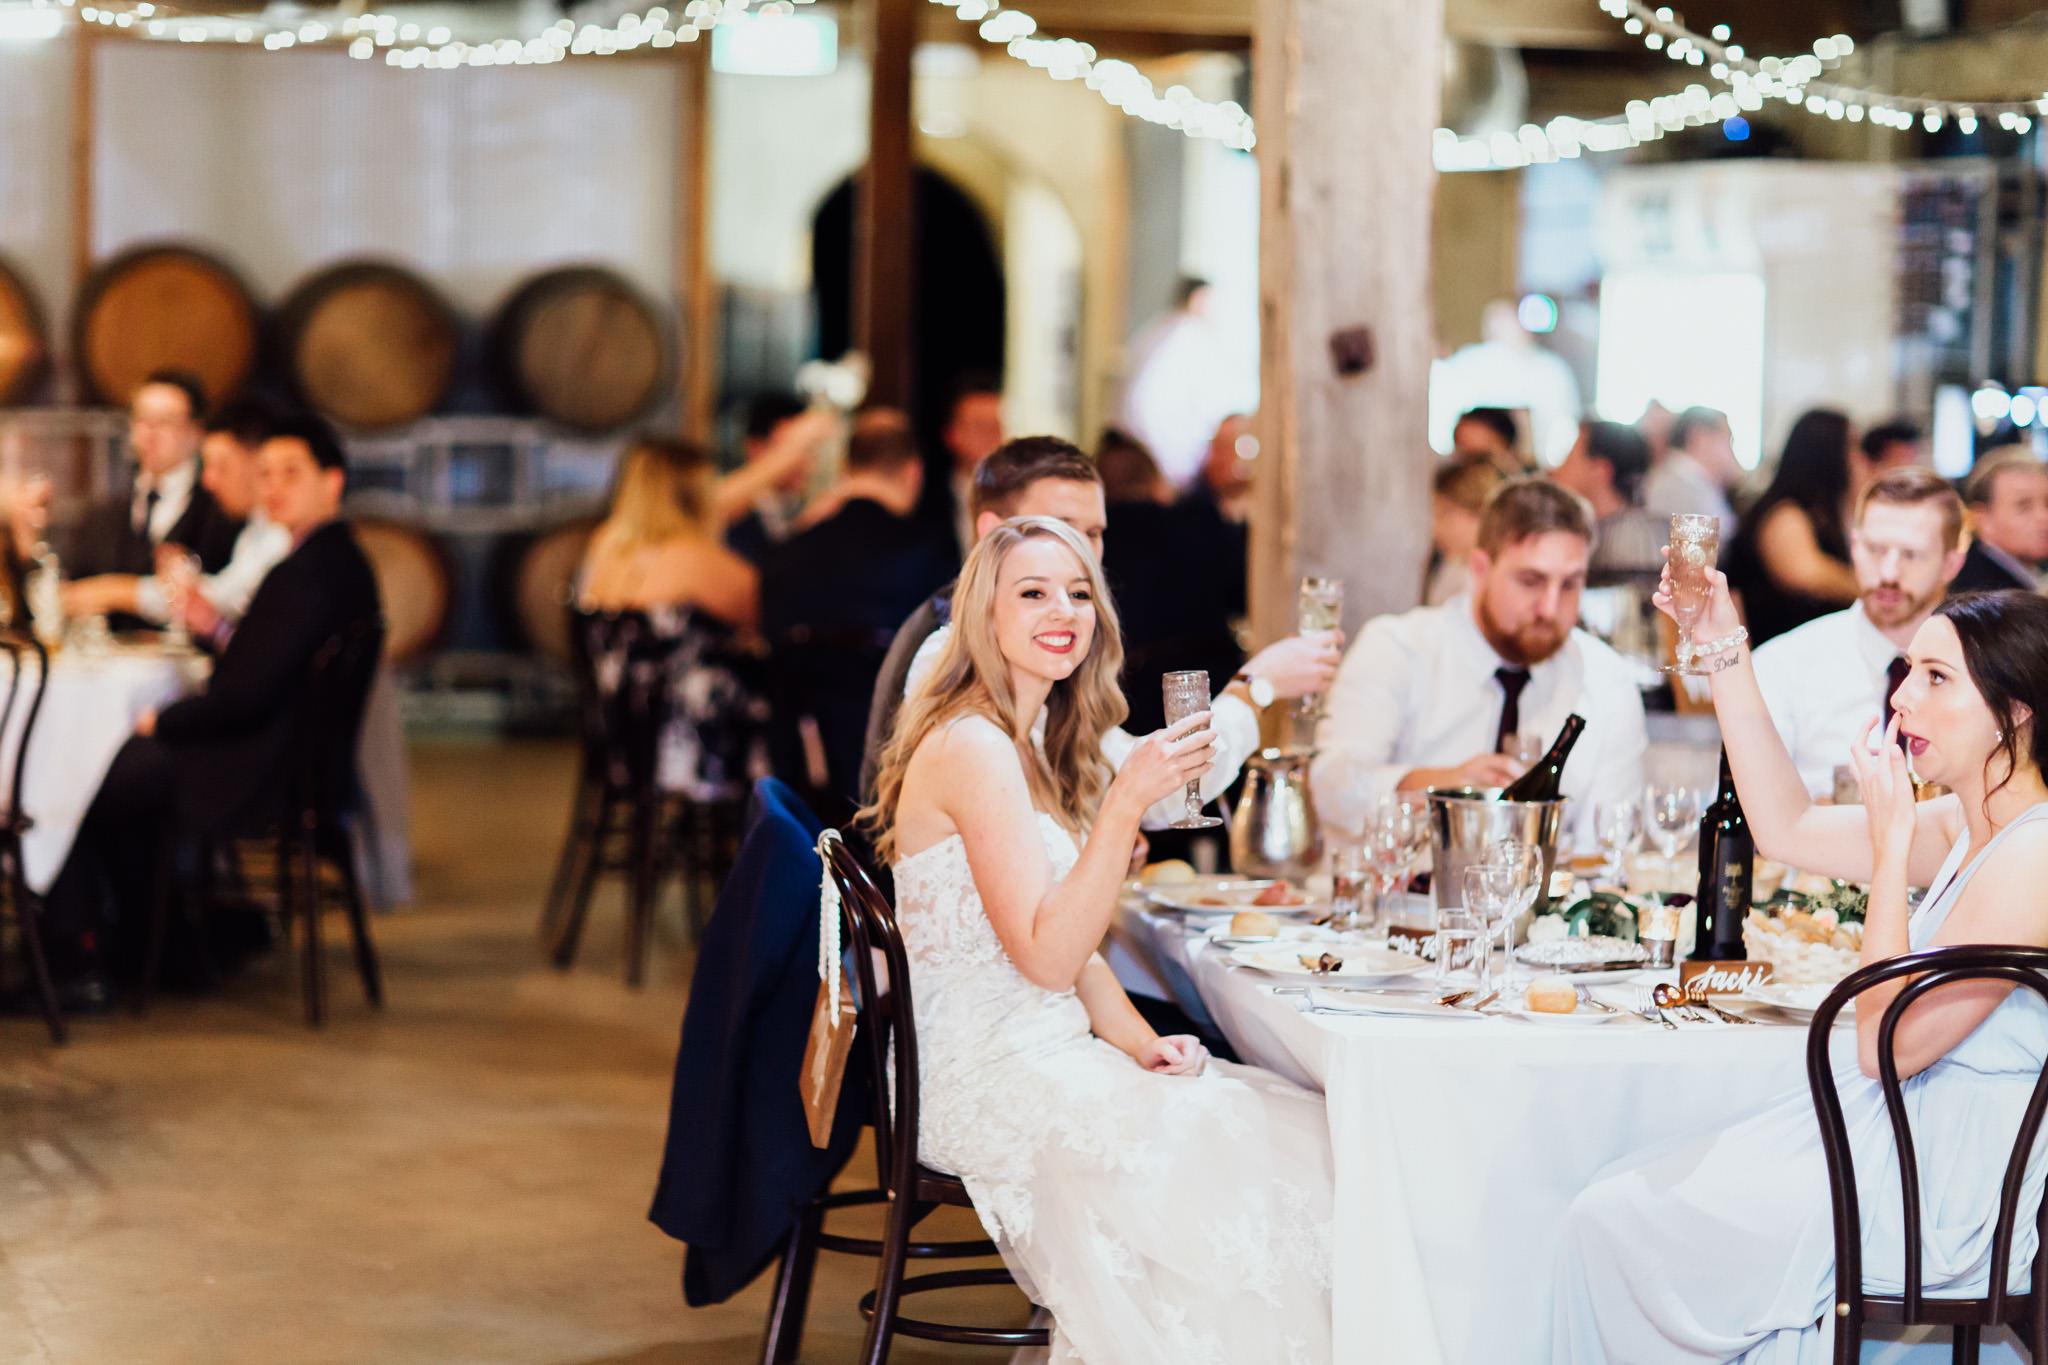 WeddingPhotos_Facebook_2048pixels-1115.jpg